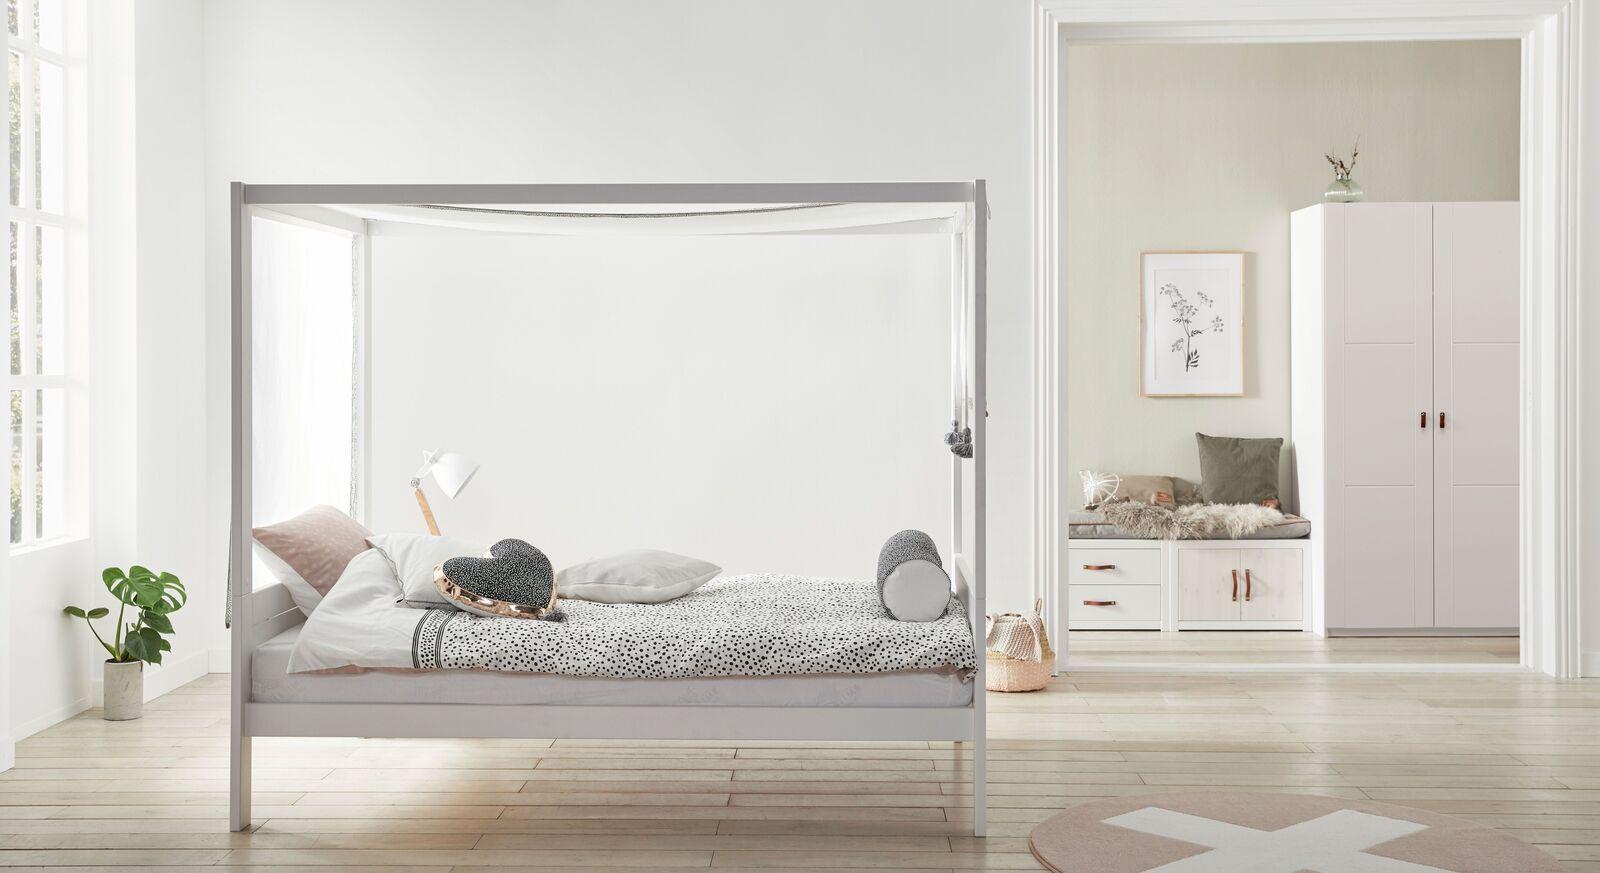 LIFETIME Himmelbett Living Style mit passender Schlafzimmer-Einrichtung